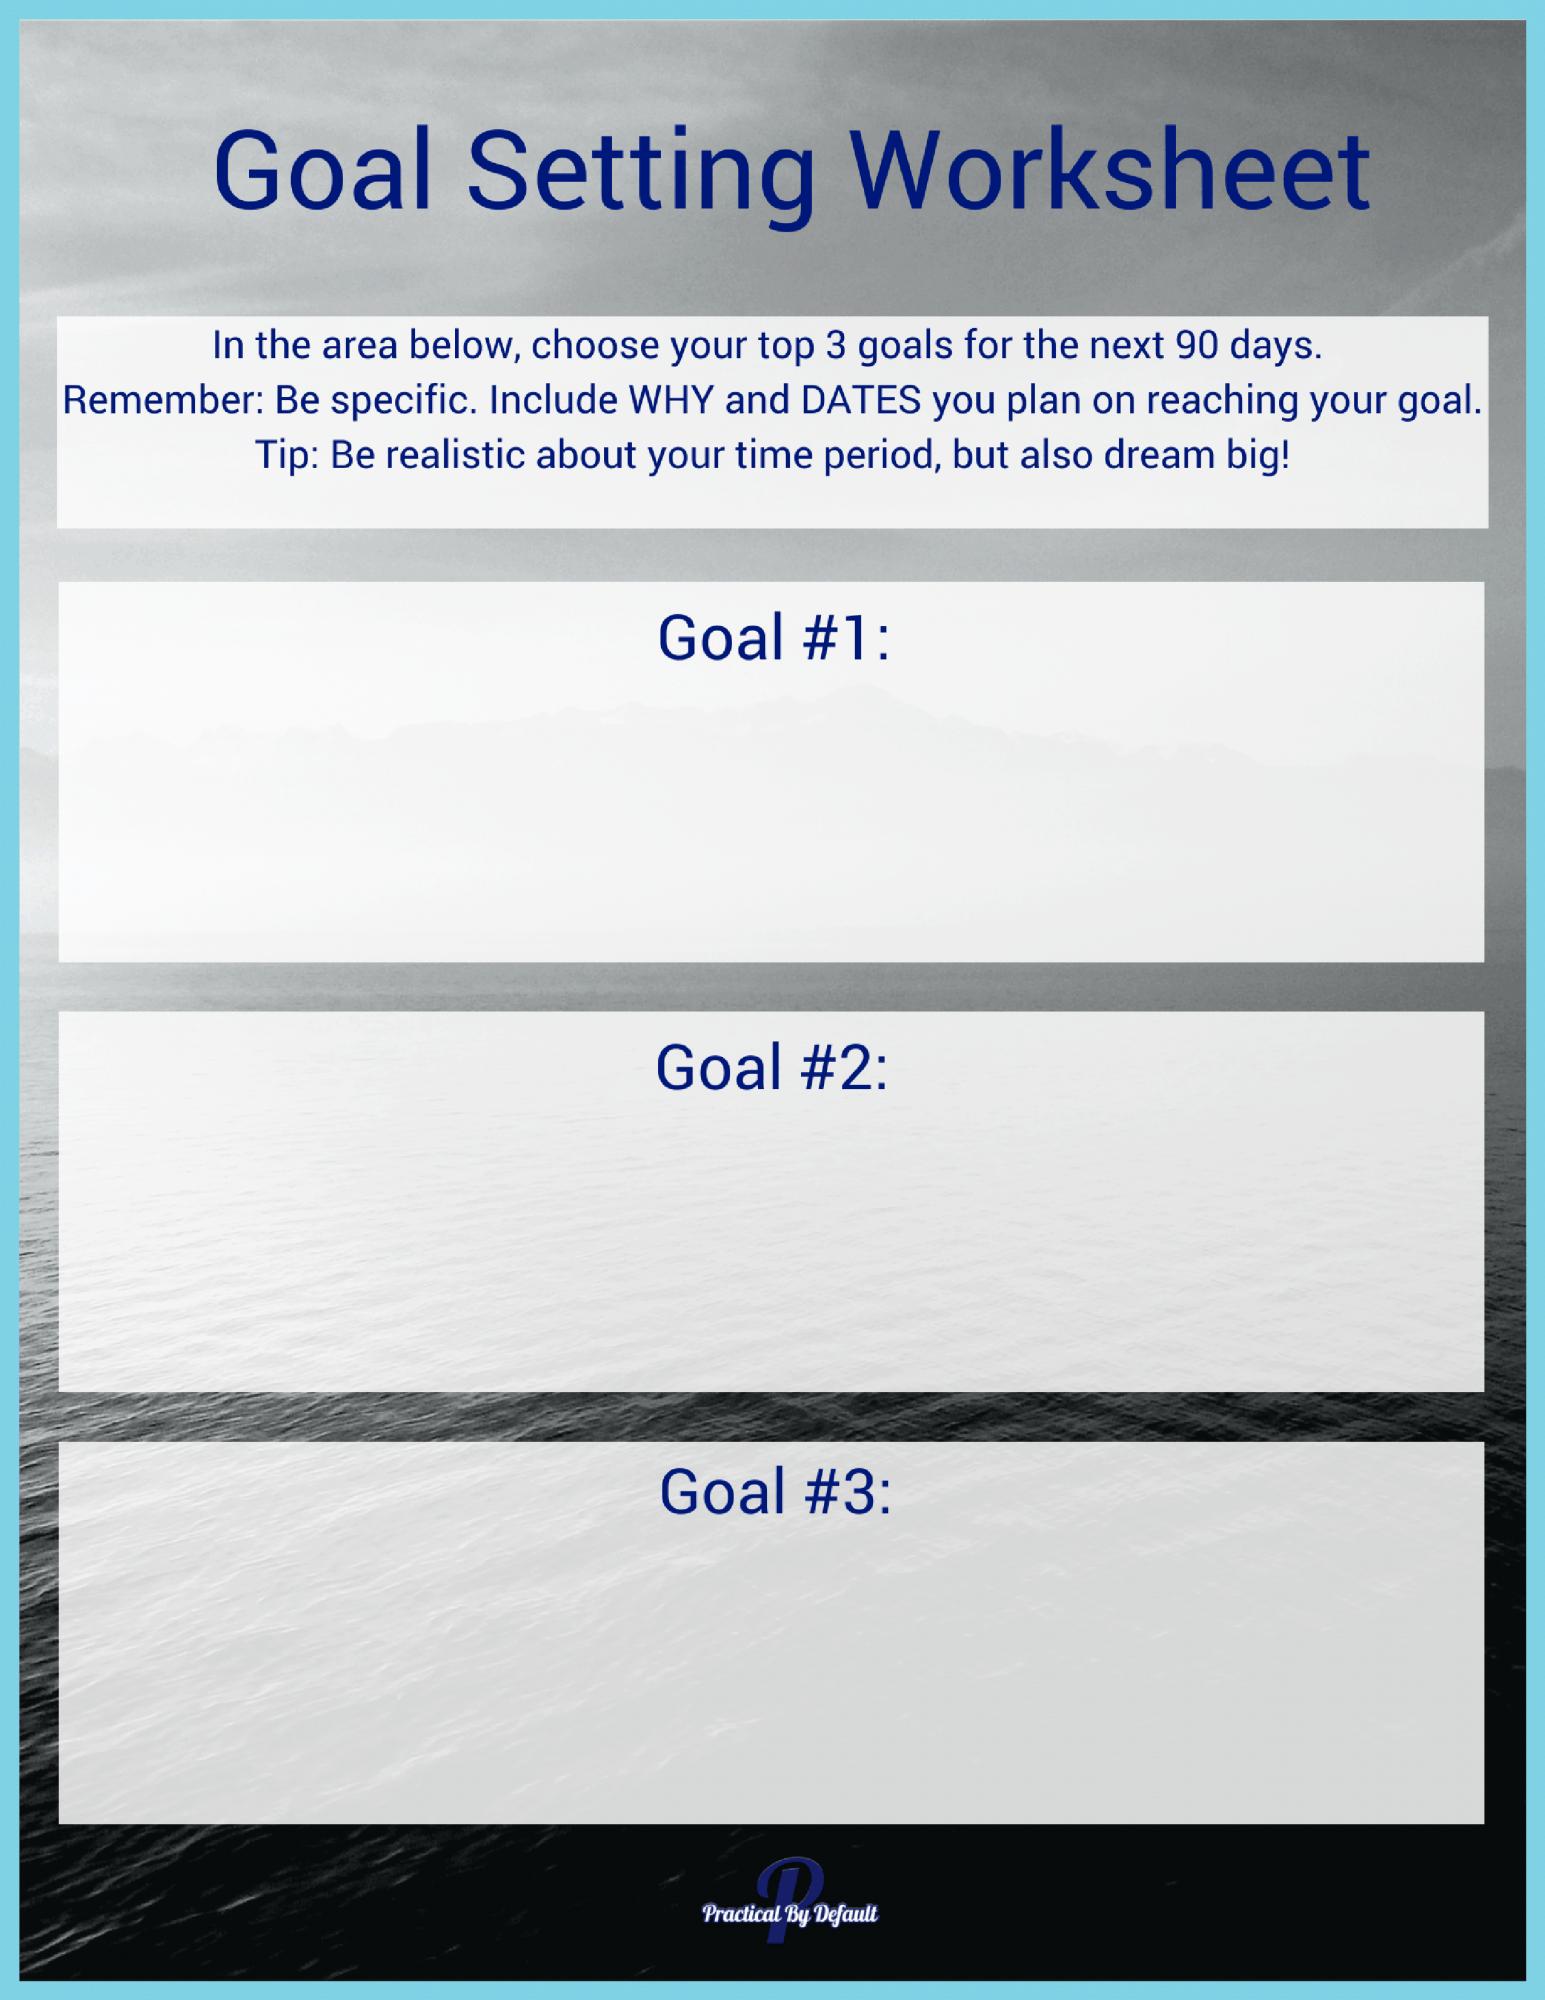 Goal Setting Worksheet